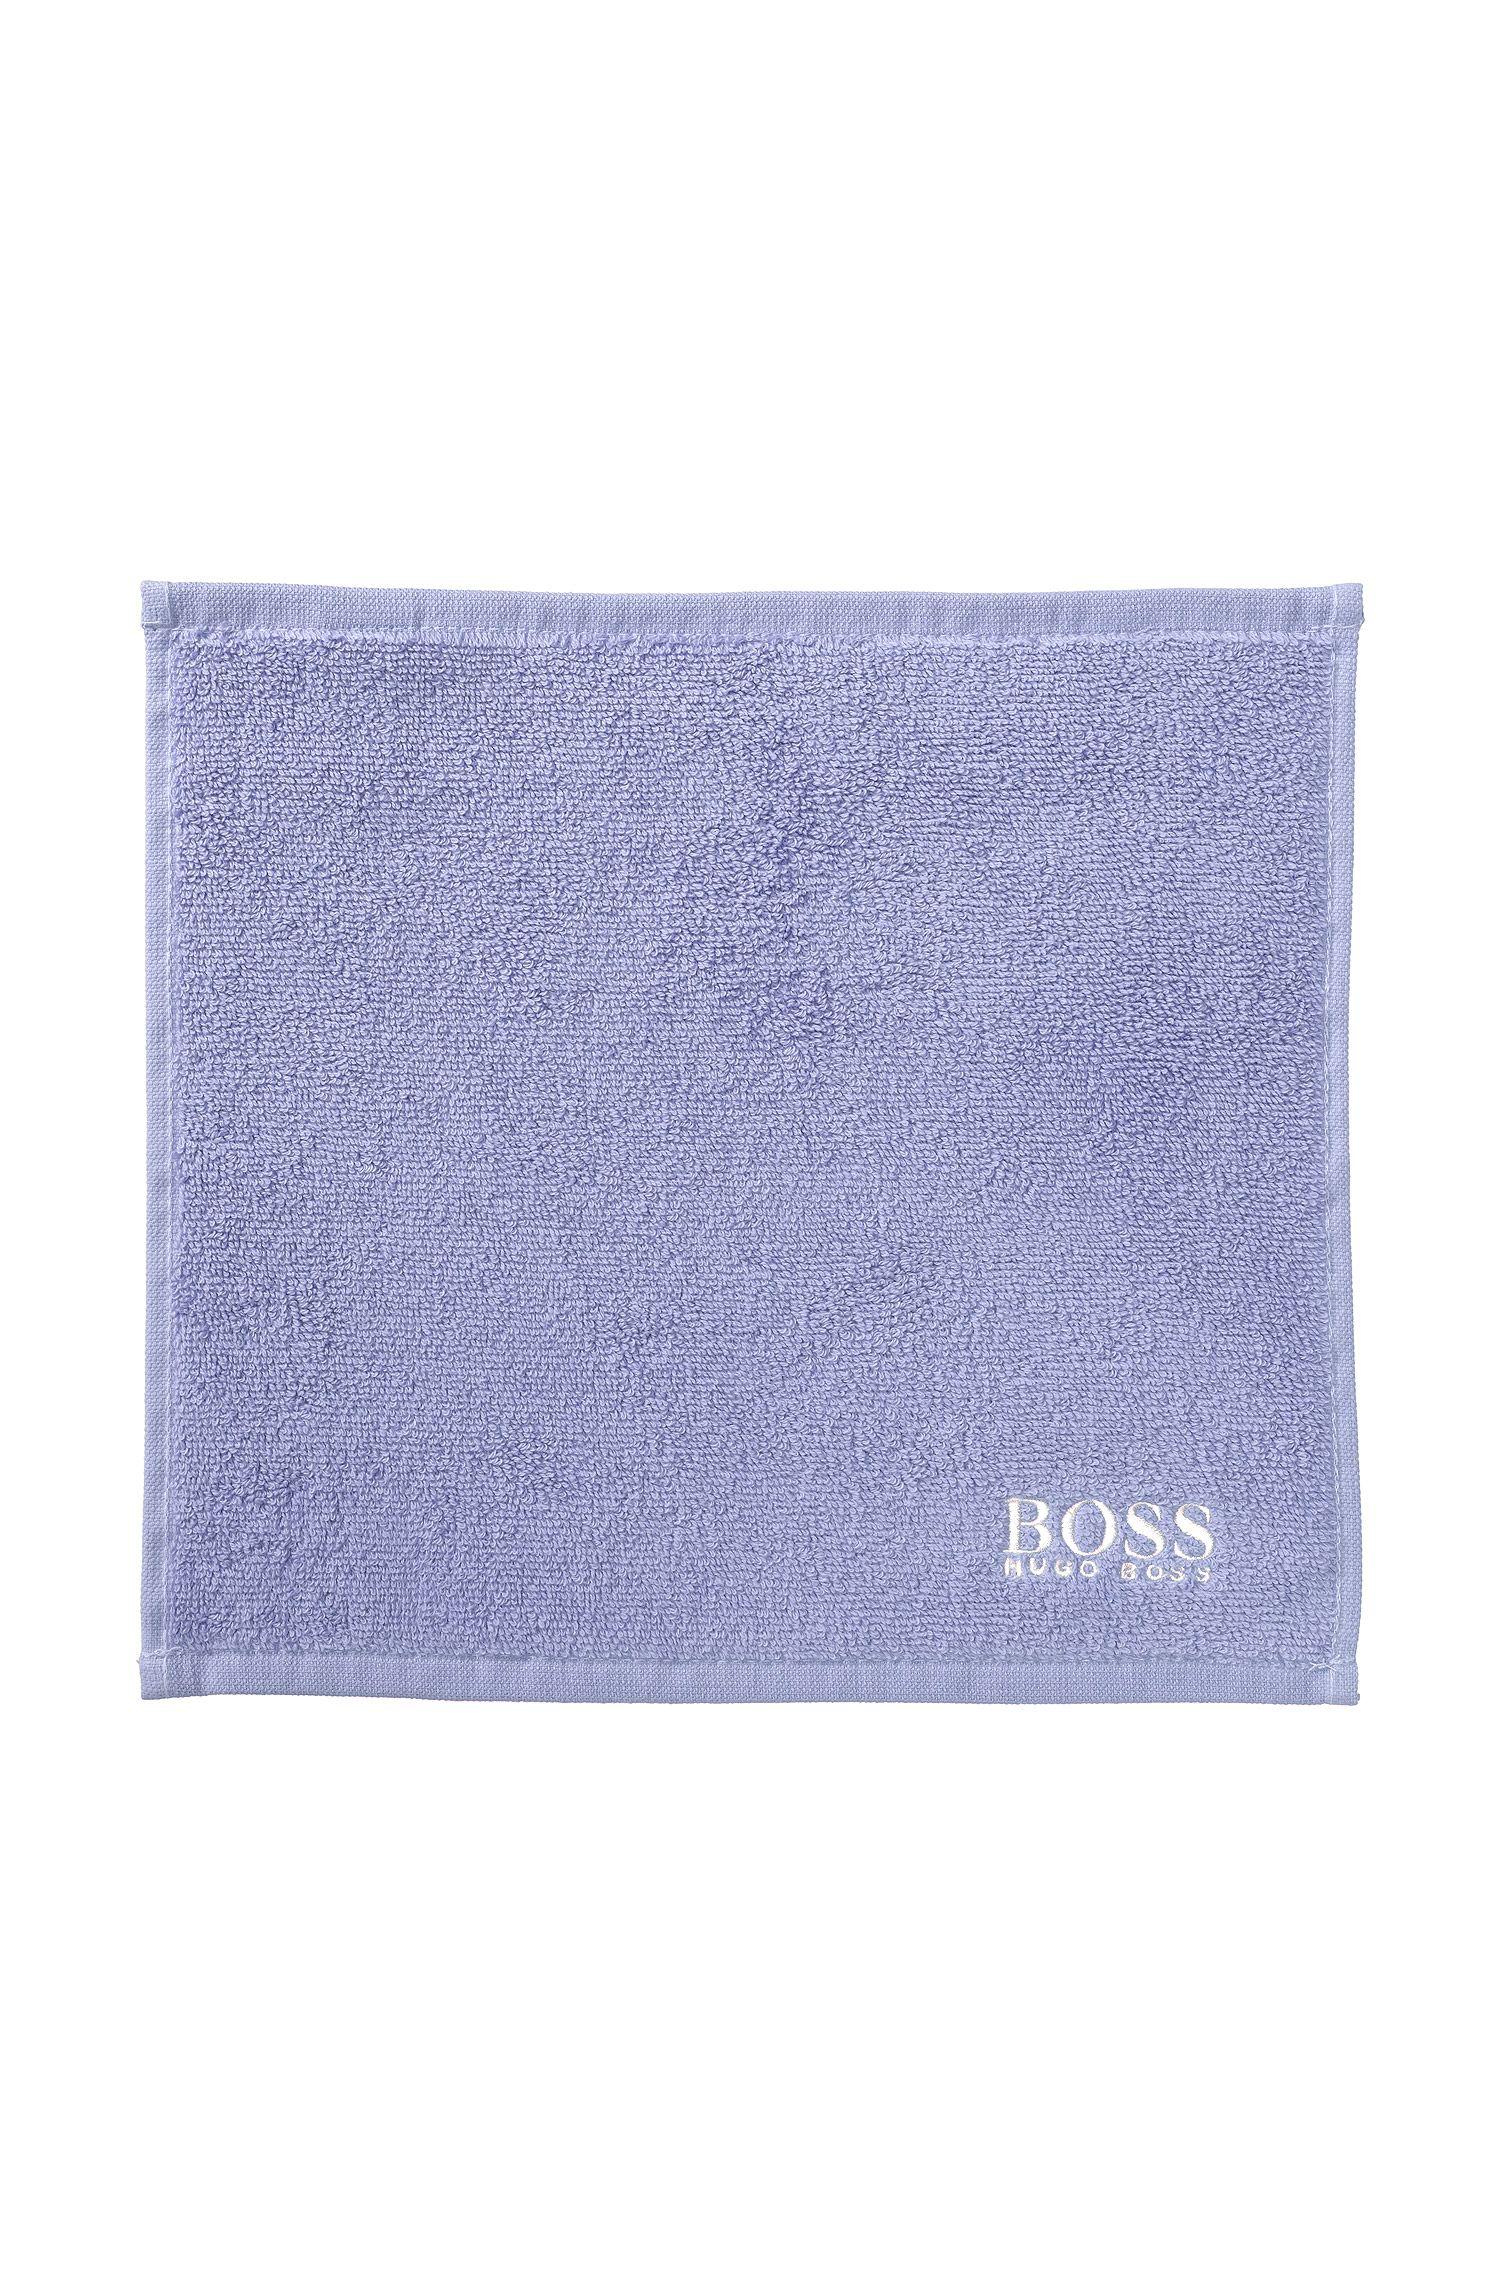 Serviette de toilette pour le visage en coton égyptien des plus raffinés avec logo brodé